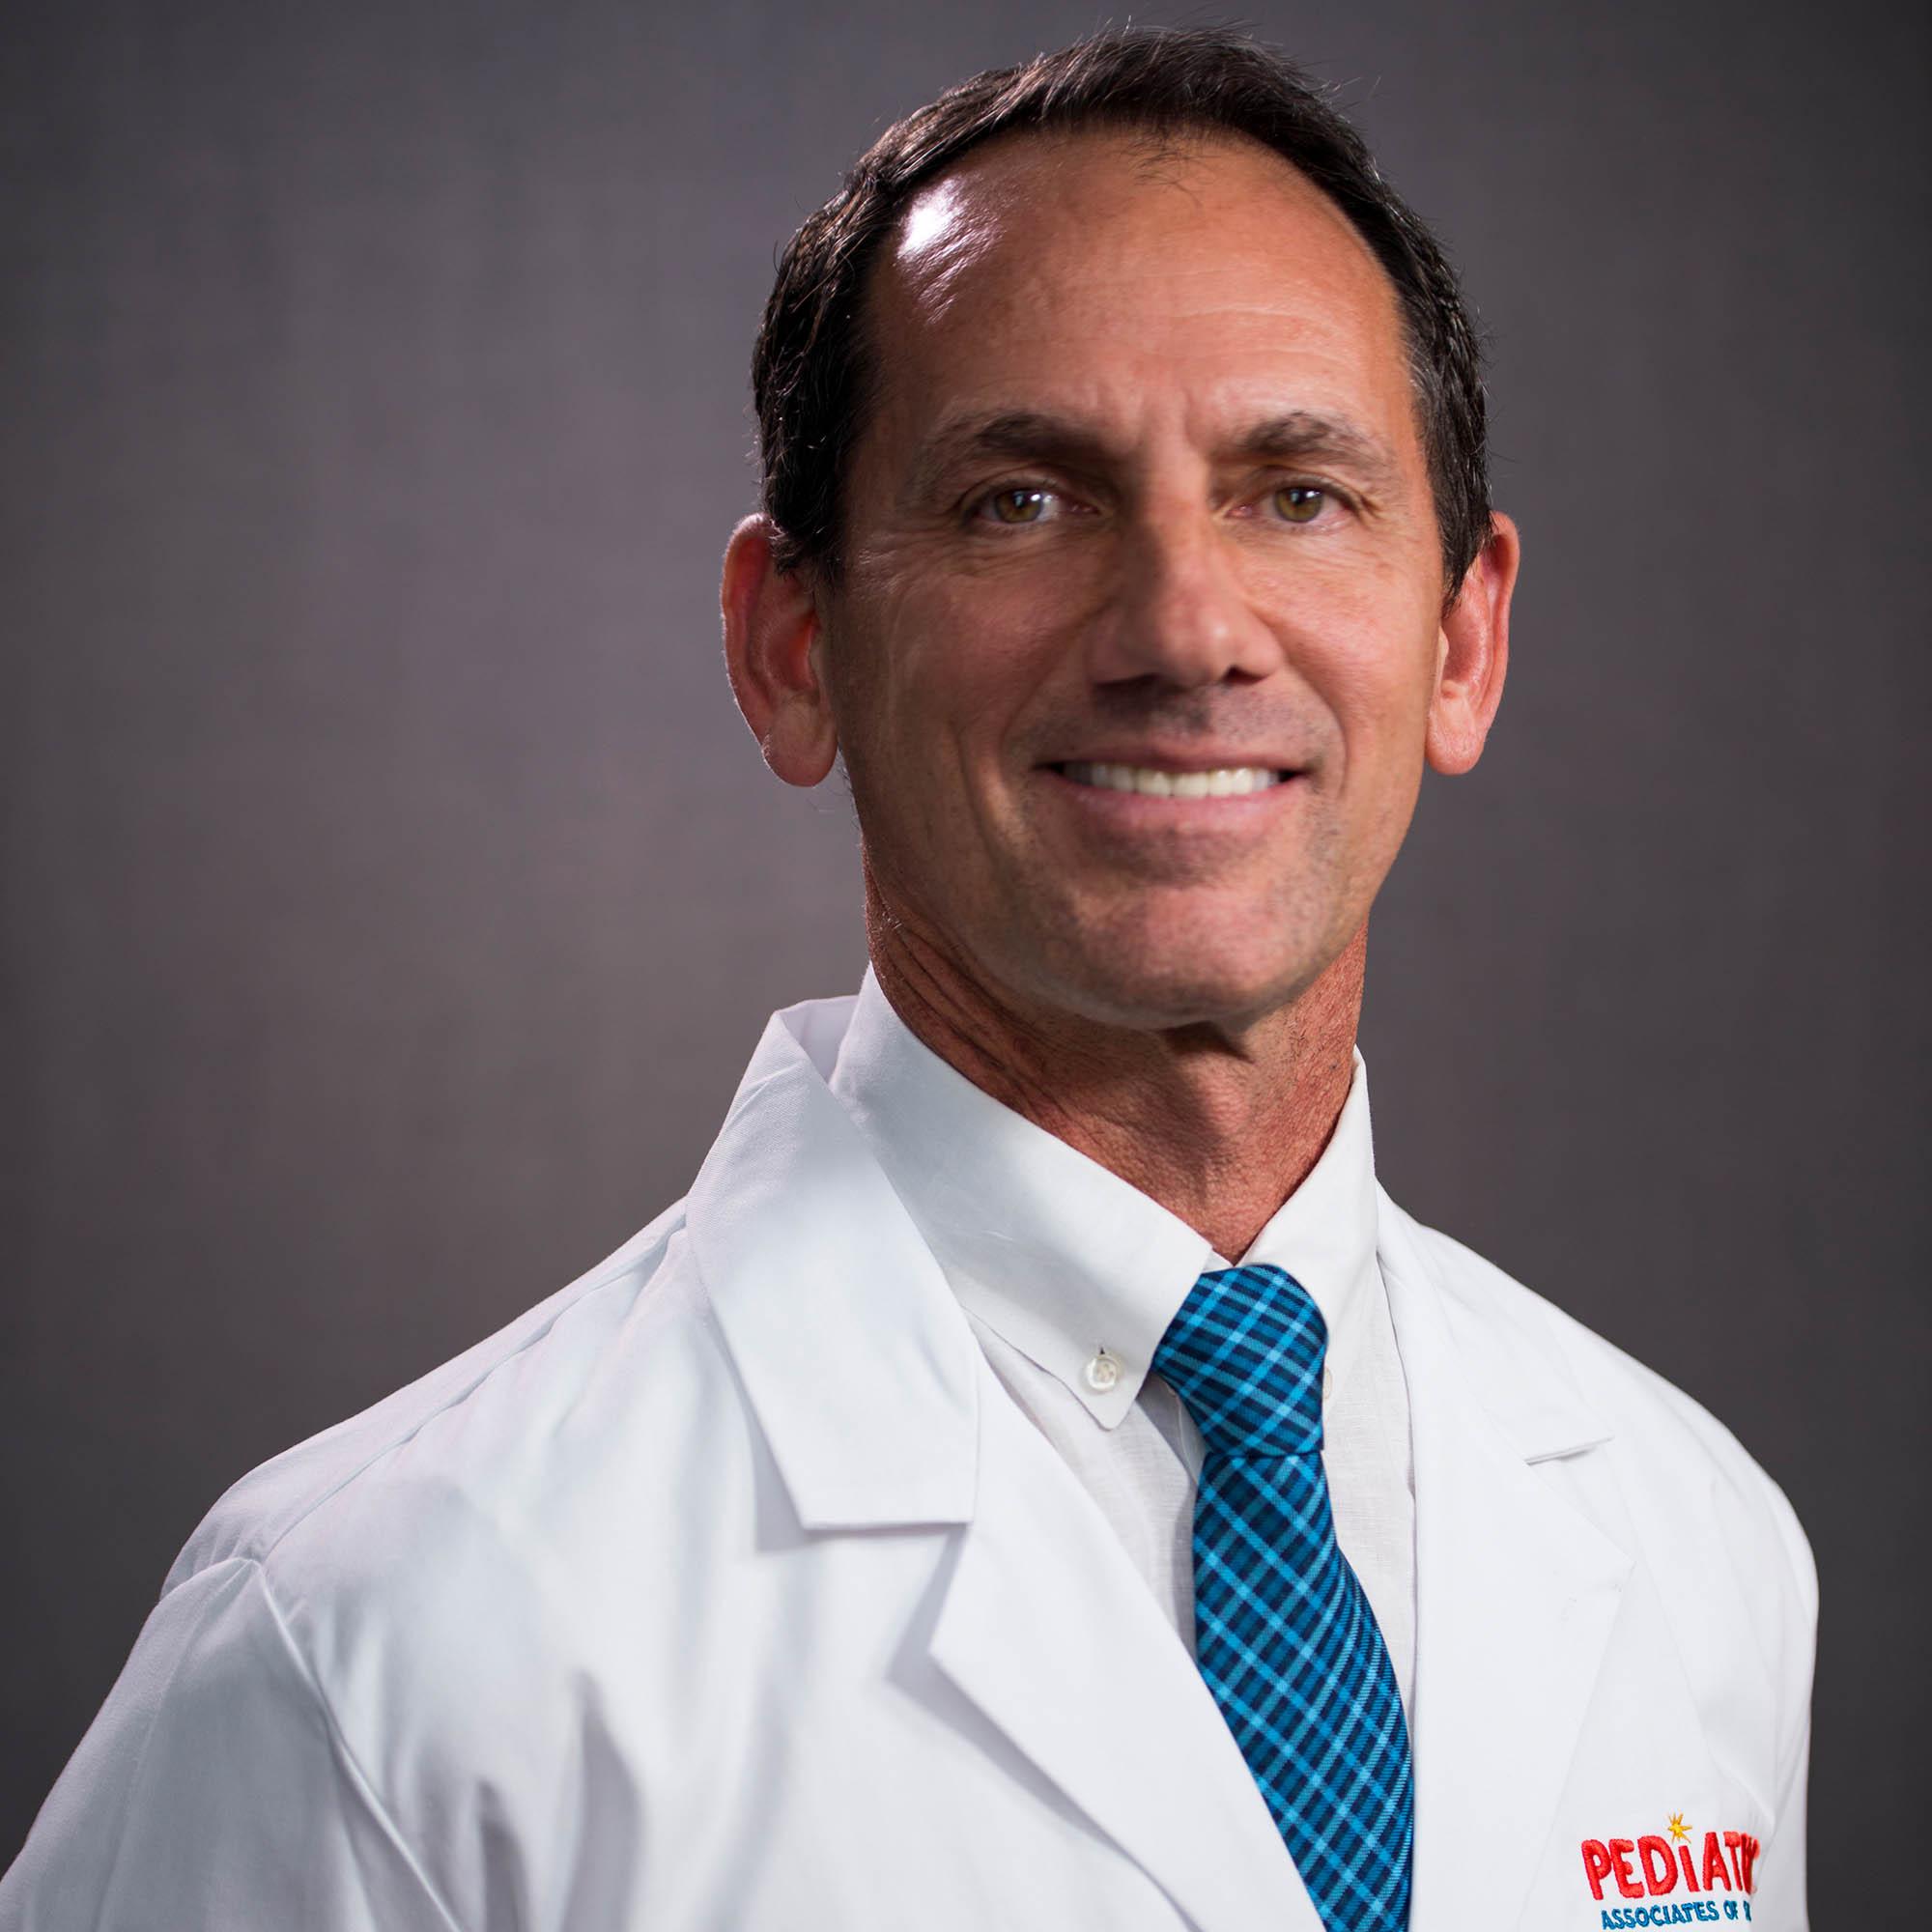 Dr. Paul L. Nave